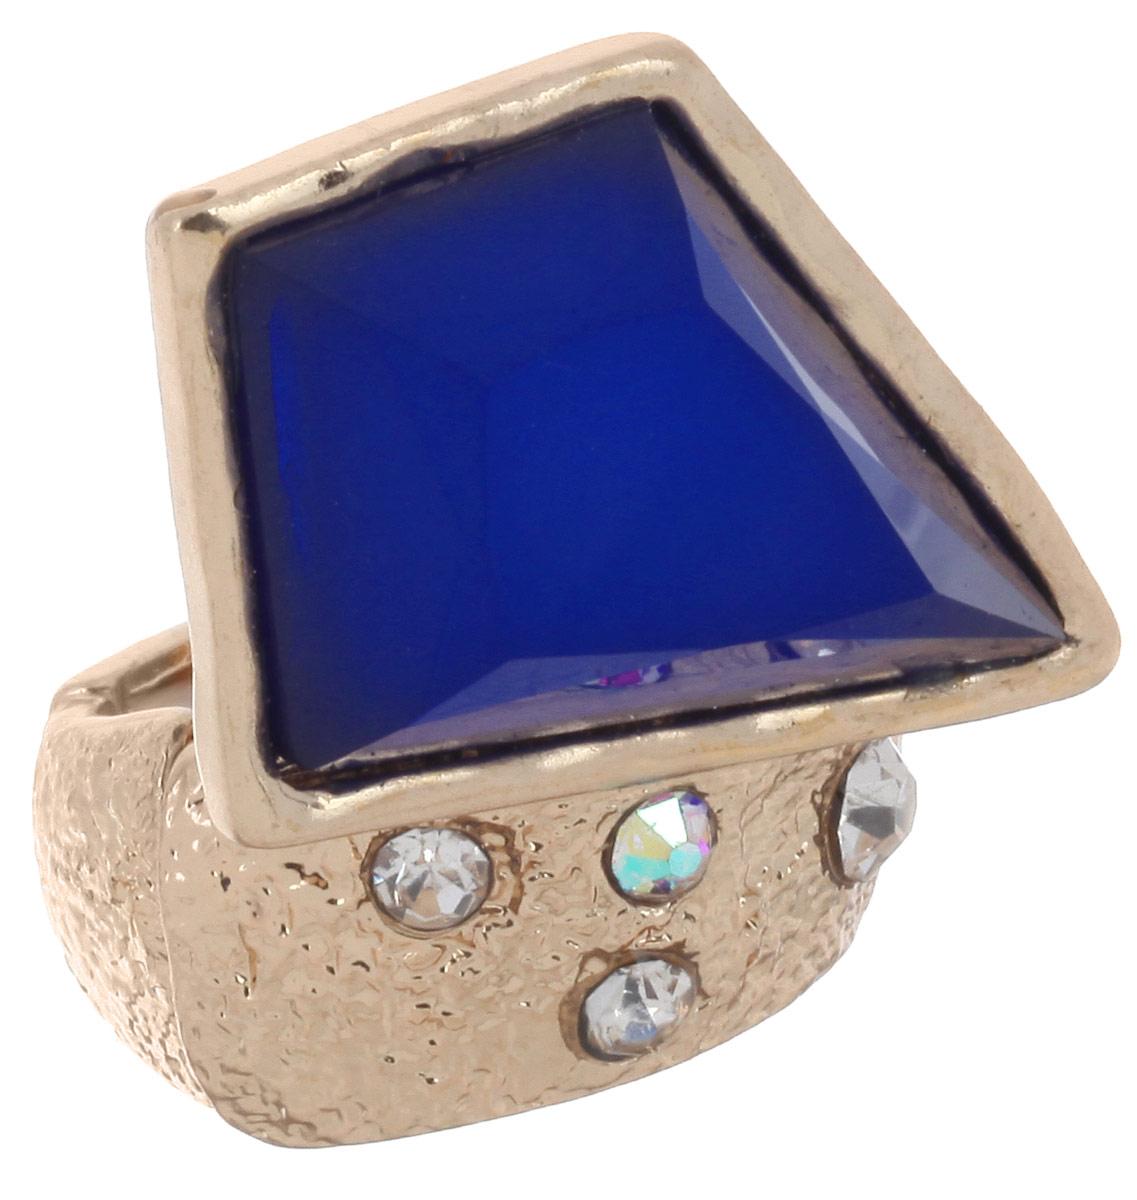 Кольцо Avgad, цвет: золотистый, синий. EA178JW306EA178JW306Оригинальное кольцо Avgad, изготовленное из ювелирного сплава, дополнено стразами и вставкой из акрила. Элементы кольца соединены между собой при помощи тонкой резинки, благодаря которой изделие имеет универсальный размер. Его легко снимать и надевать. Это необычное украшение внесет изюминку в ваш модный образ, а также позволит выделиться среди окружающих.